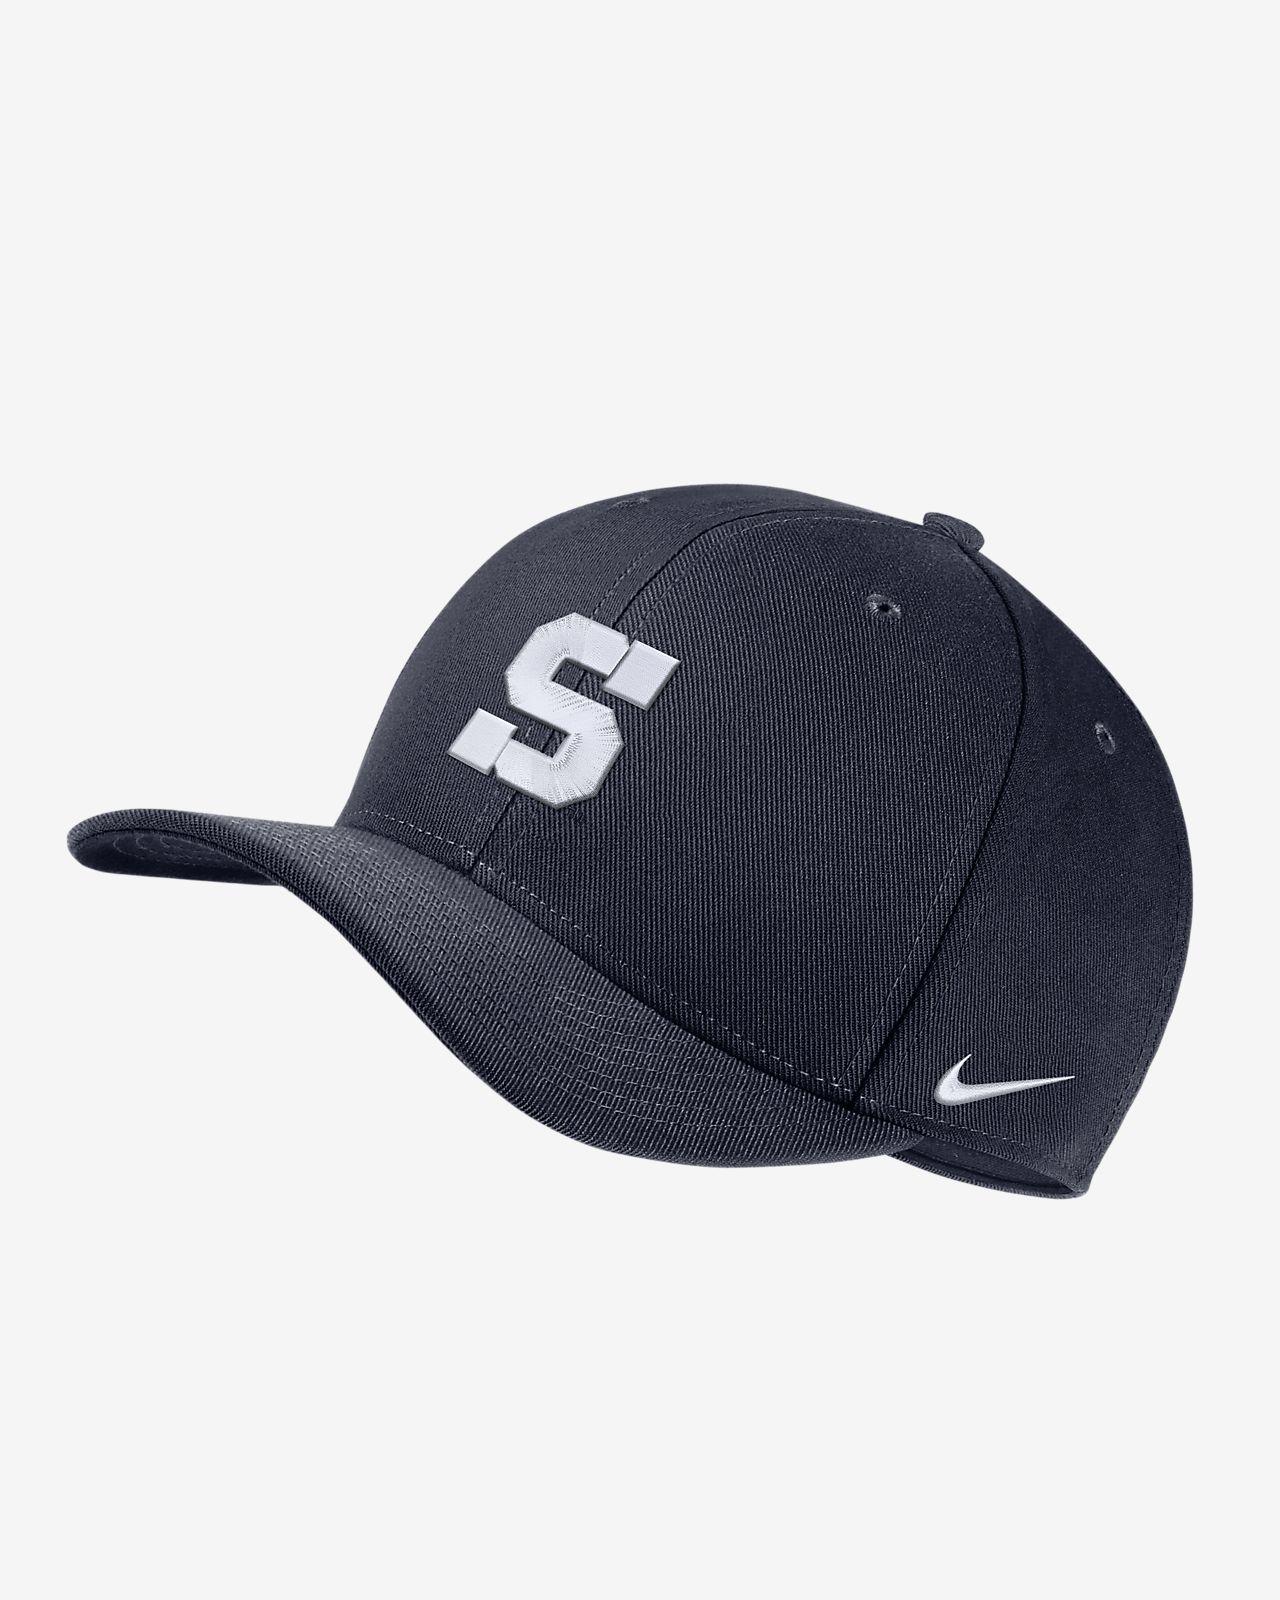 Nike College Dri-FIT Classic99 Swoosh Flex (Penn State) Fitted Hat ... eb1a44eb1c9